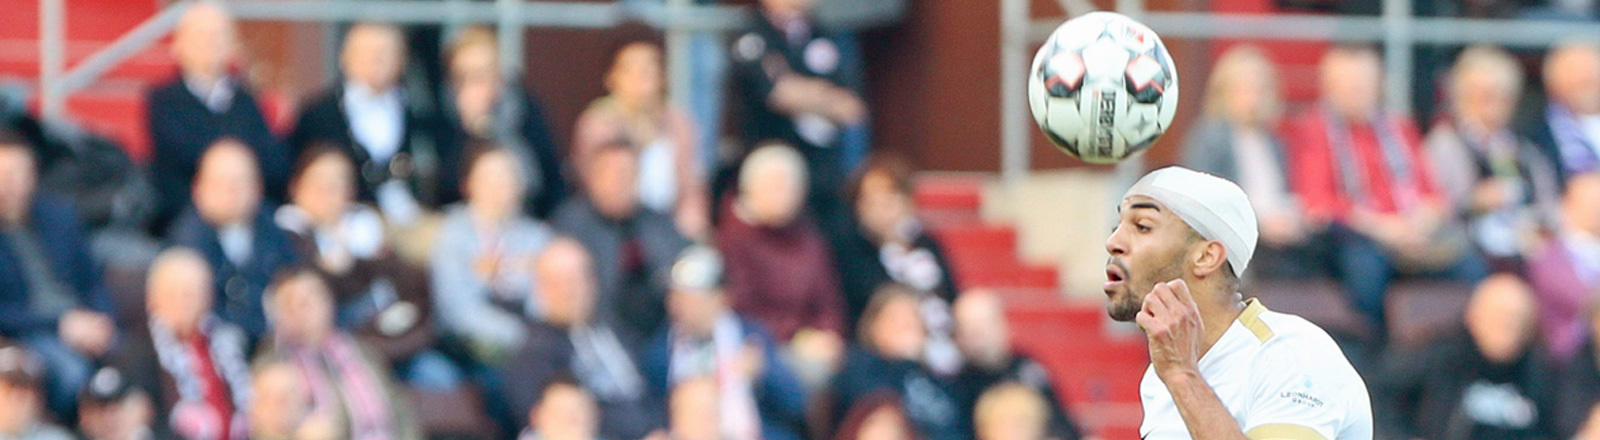 Fussballspiel in der 2.Bundesliga, FC St. Pauli gegen FC Erzgebirge Aue. Malcolm Cacutalua von Erzegbirge Aue macht einen Kopfball trotz Kopfverletzung und Verband.